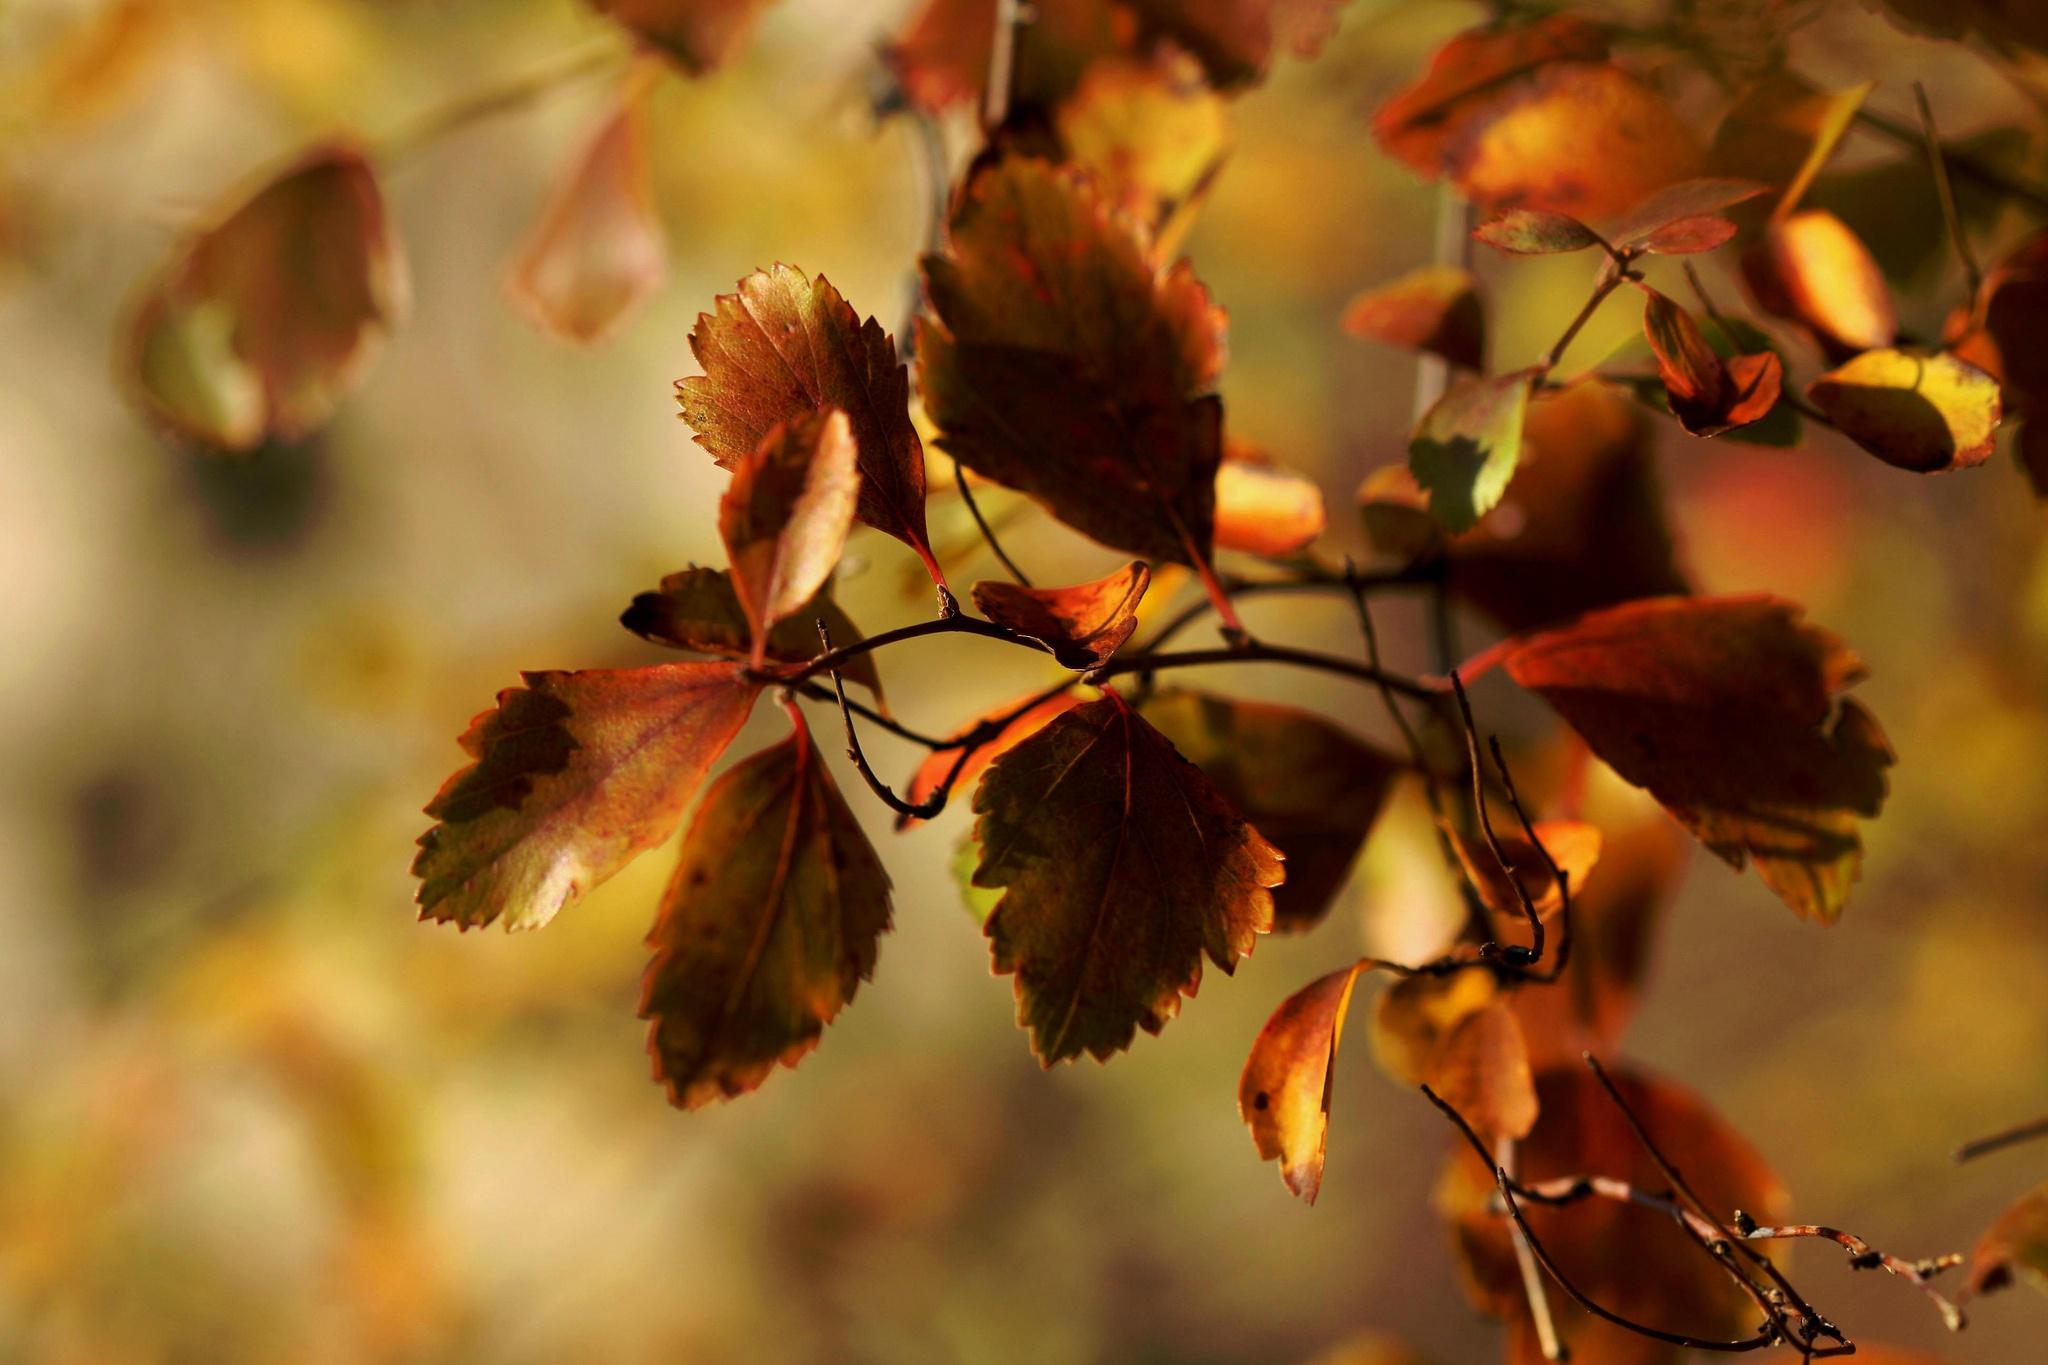 листья ветка забор палки бесплатно